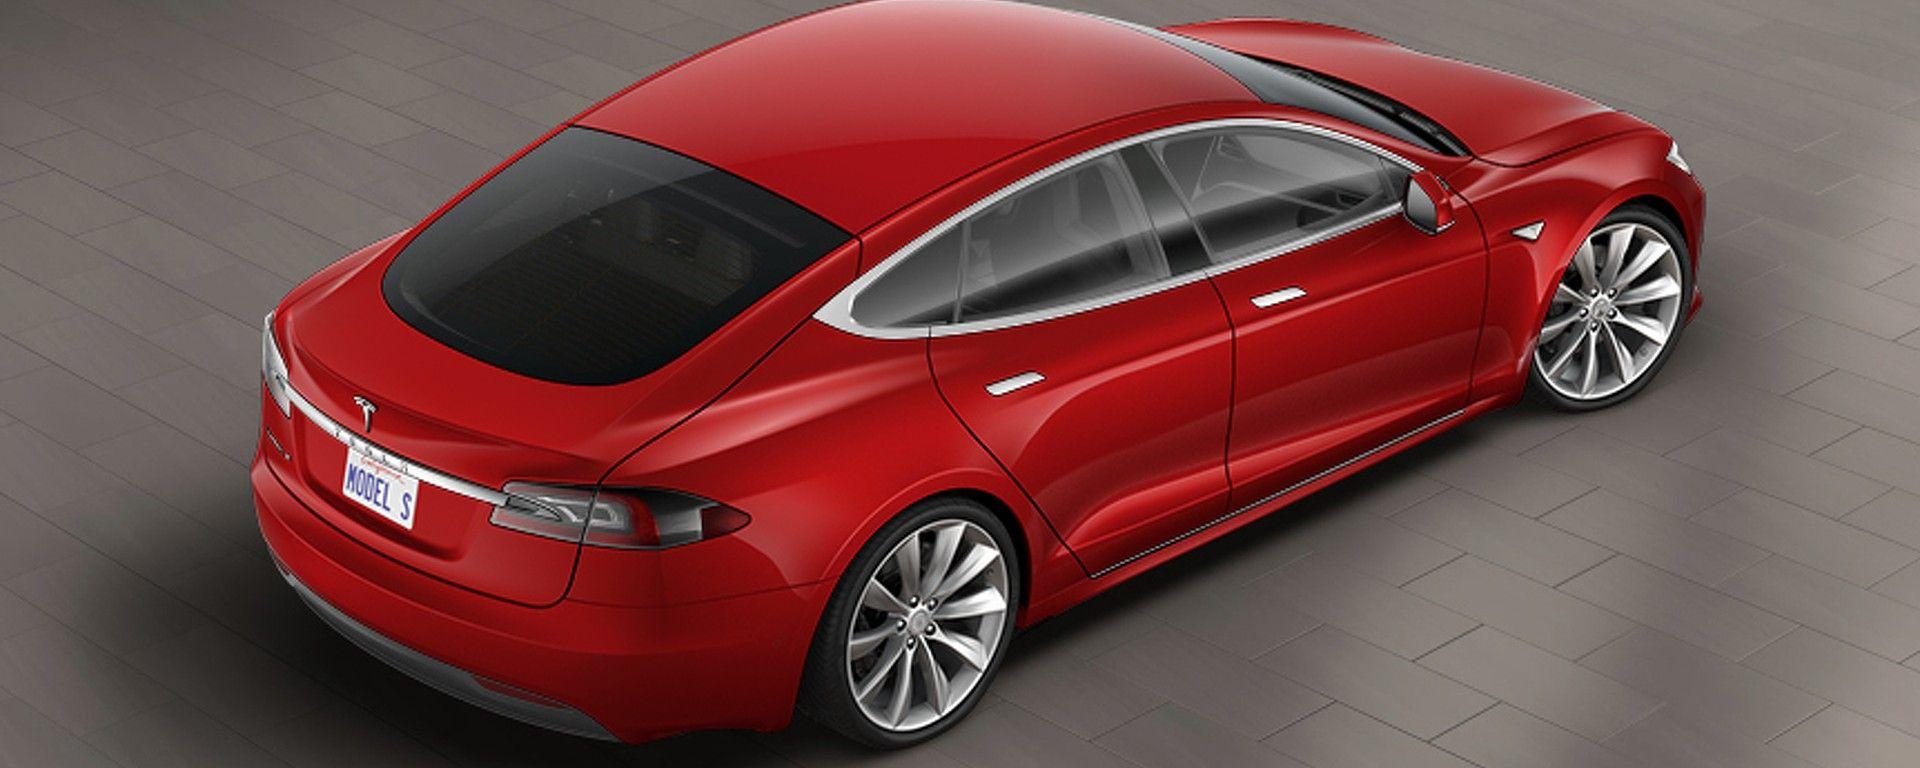 Tesla: 123 mila Model S da richiamare, titolo a picco